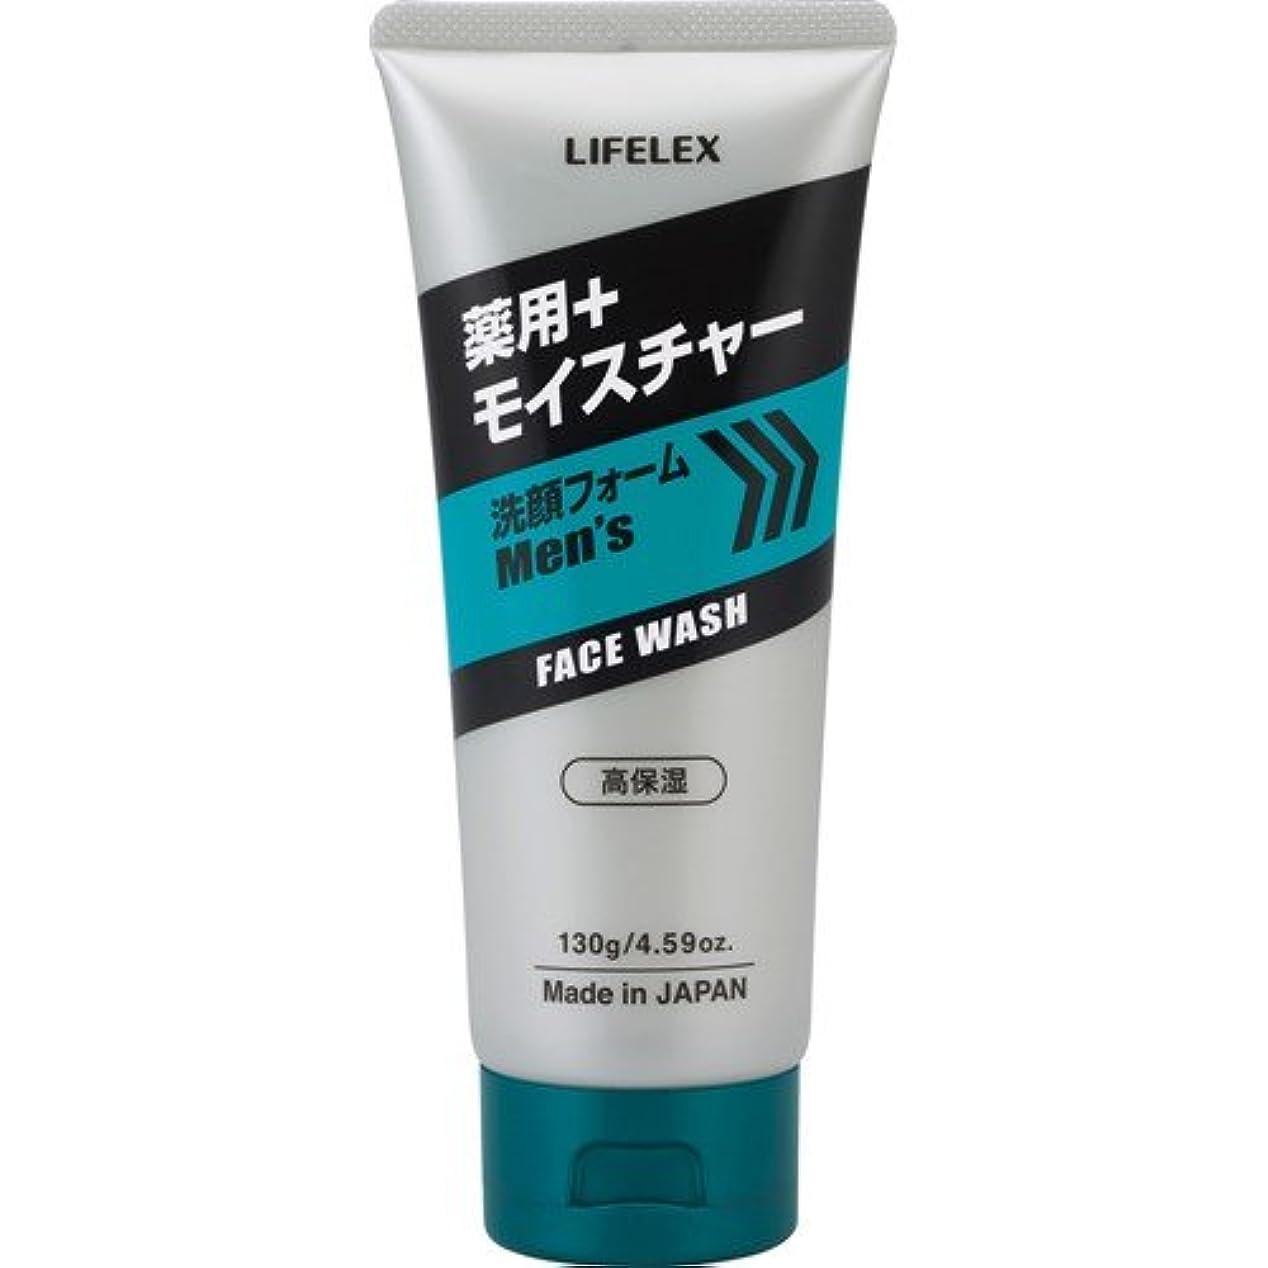 根絶する上下するカスケードコーナンオリジナル メンズ薬用モイスチャ洗顔フォーム 130g